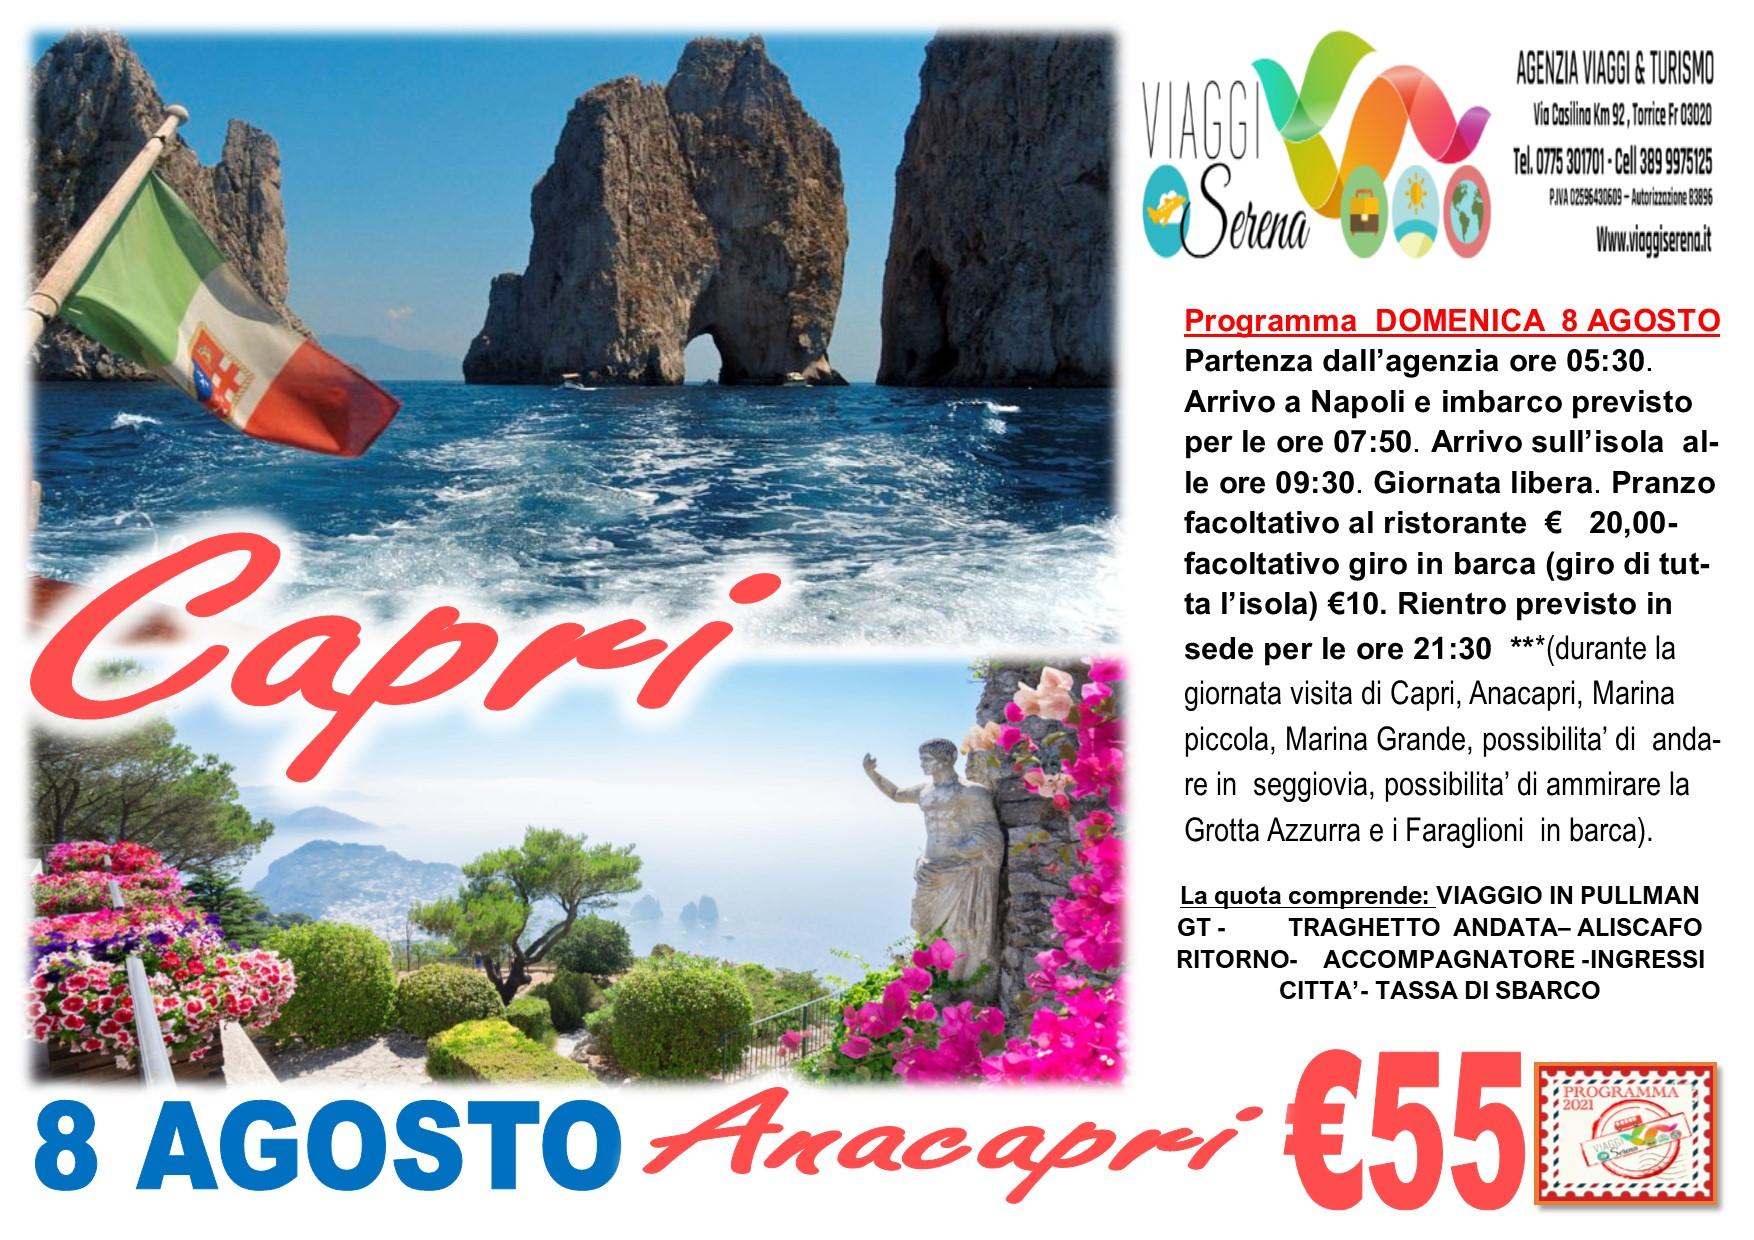 Viaggi di Gruppo: Capri & Anacapri 8 Agosto € 55,00